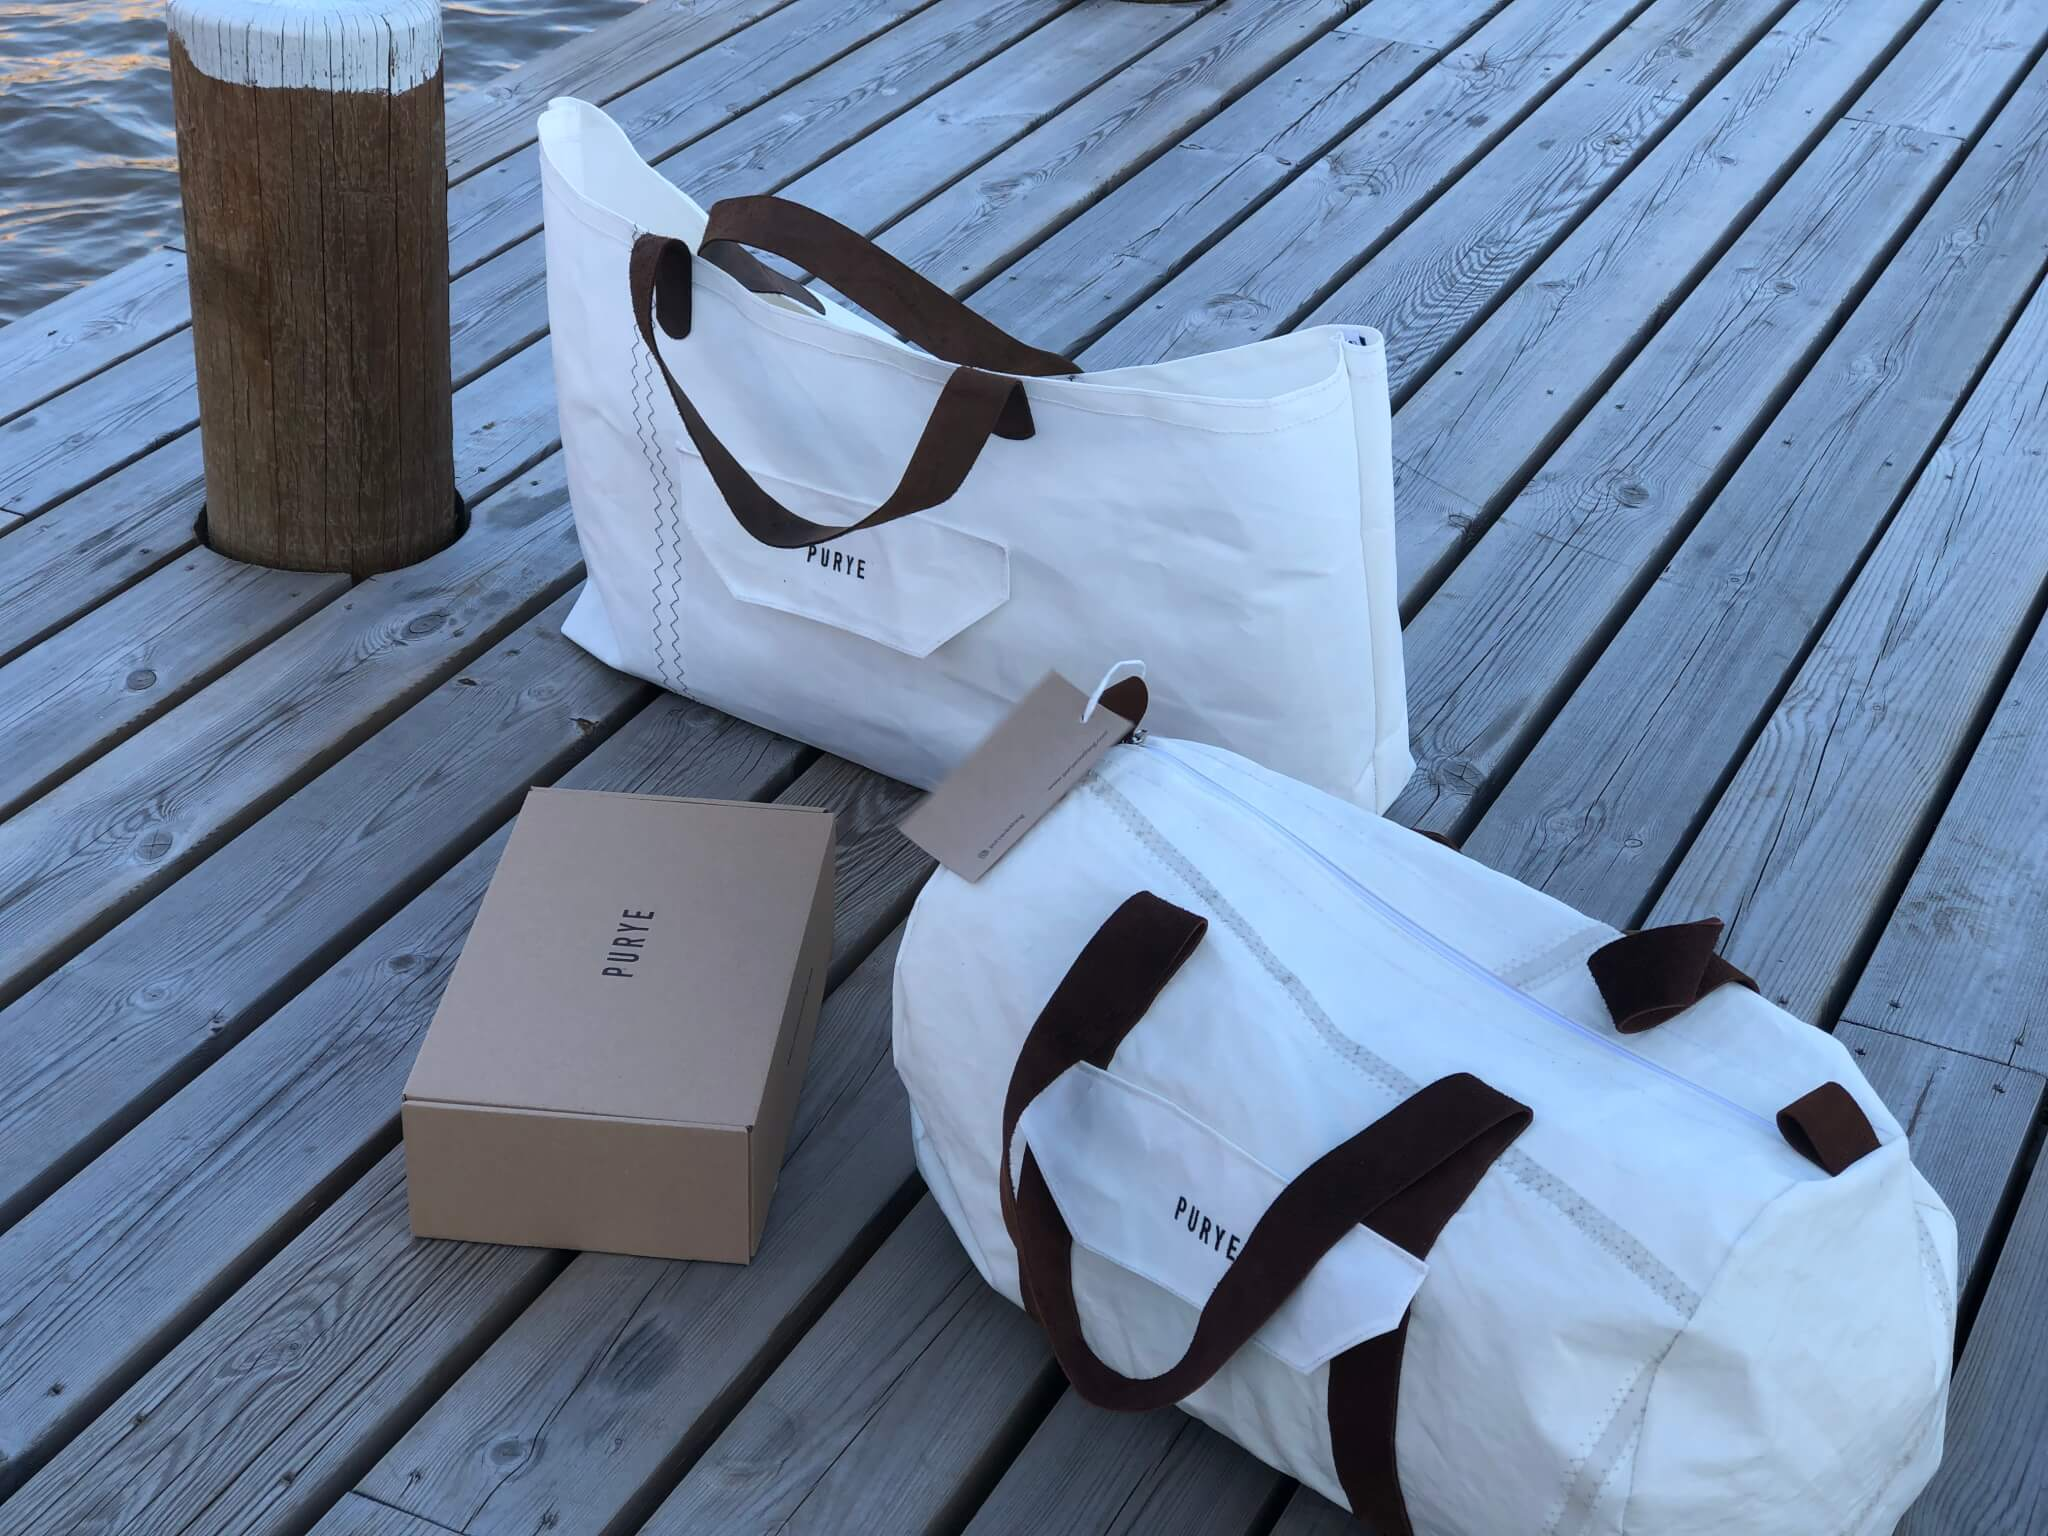 cajas eco de purye clothing